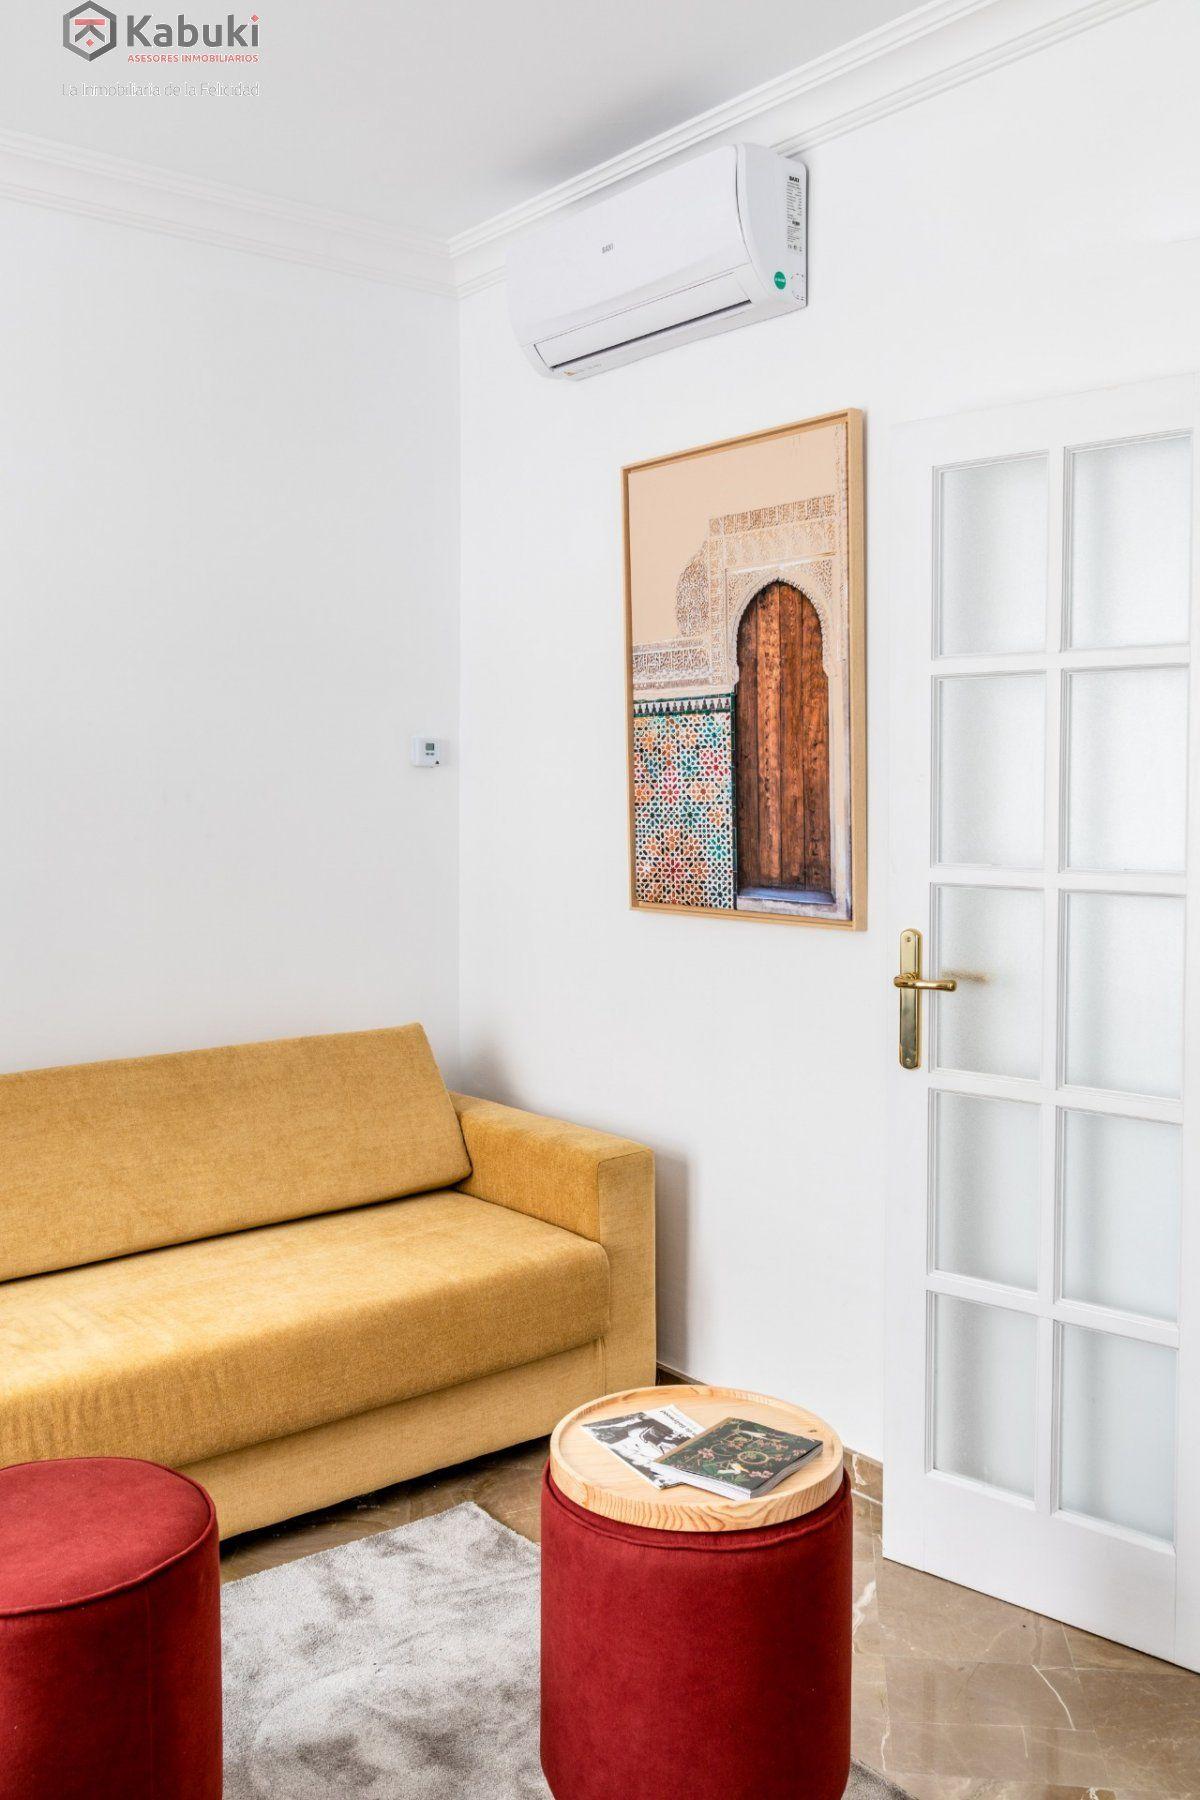 Magnífico inmueble de dos dormitorios en gran via. de estilo moderno, sentirás todo el con - imagenInmueble12